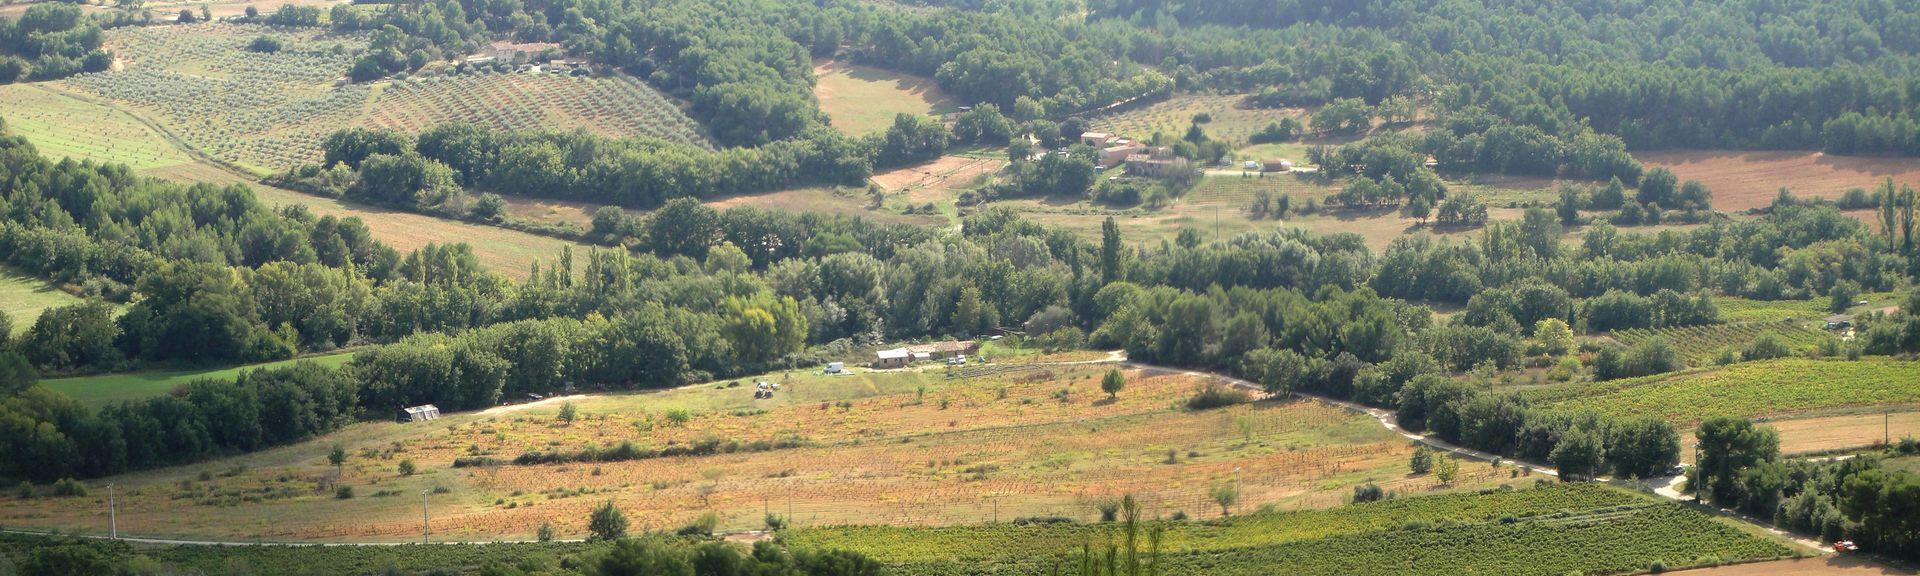 Pierrevert, Alpes-de-Haute-Provence (département), France